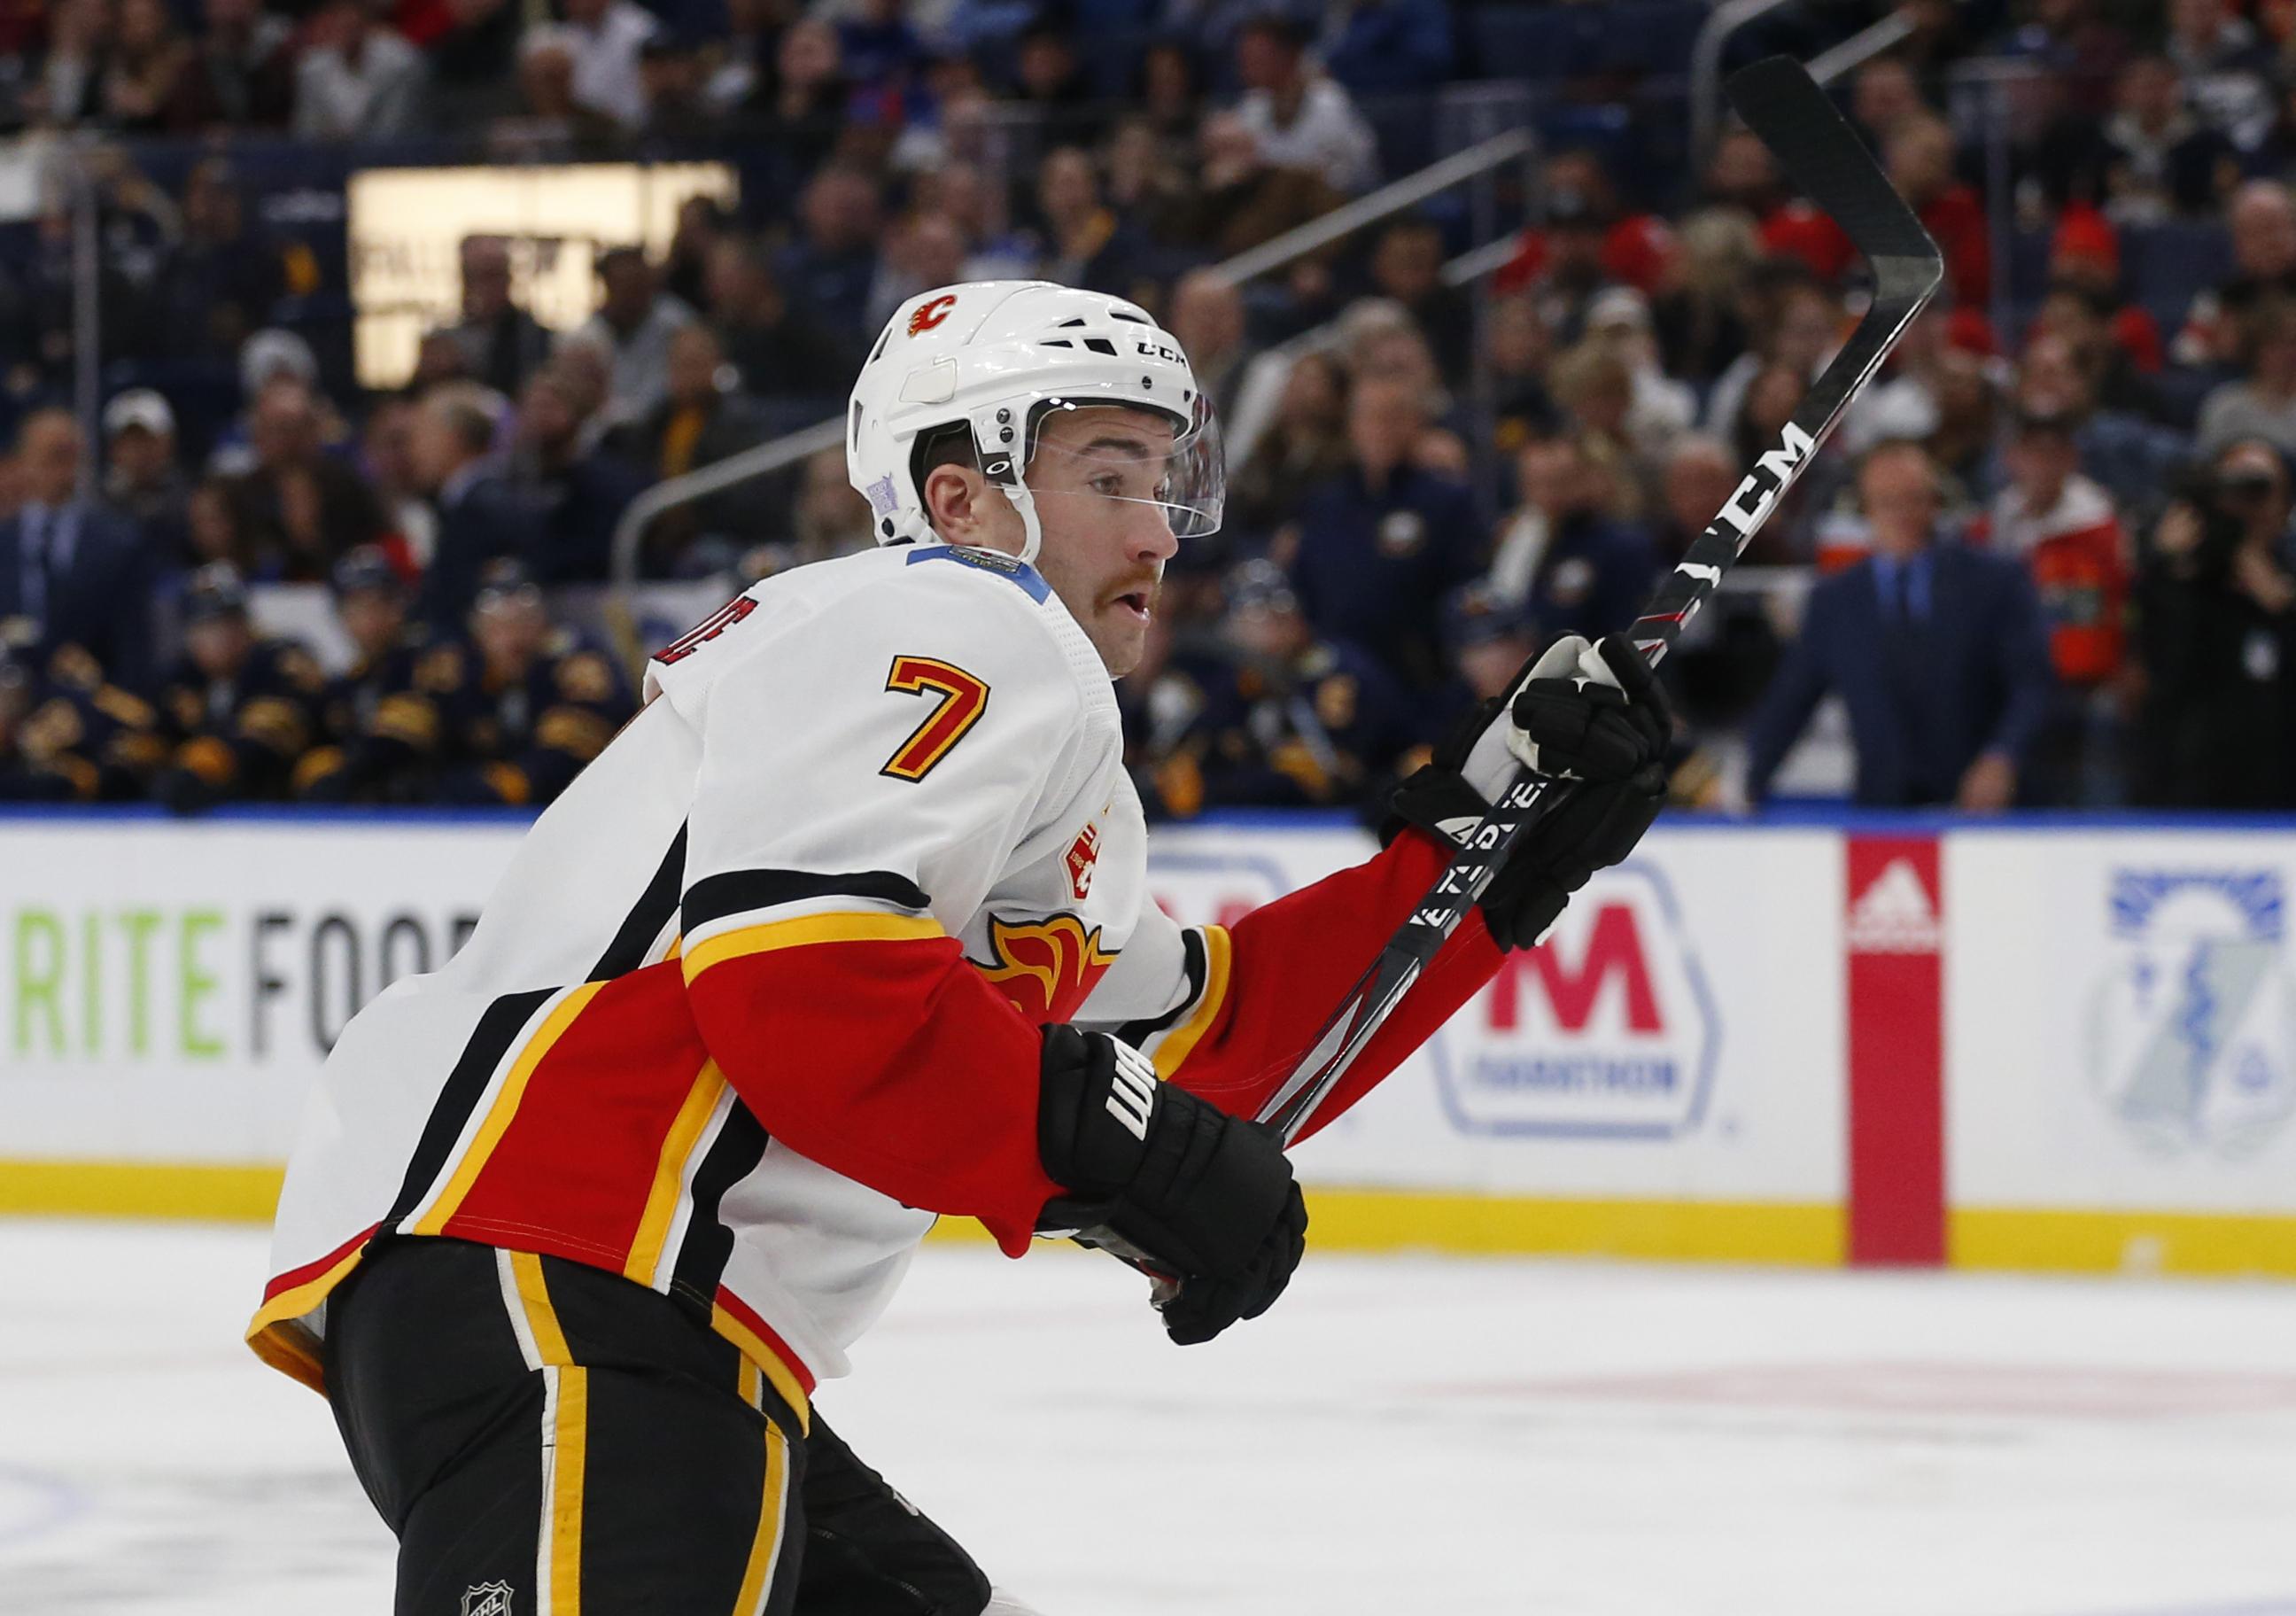 Lindholm scores in OT, Flames beat Sabres 3-2